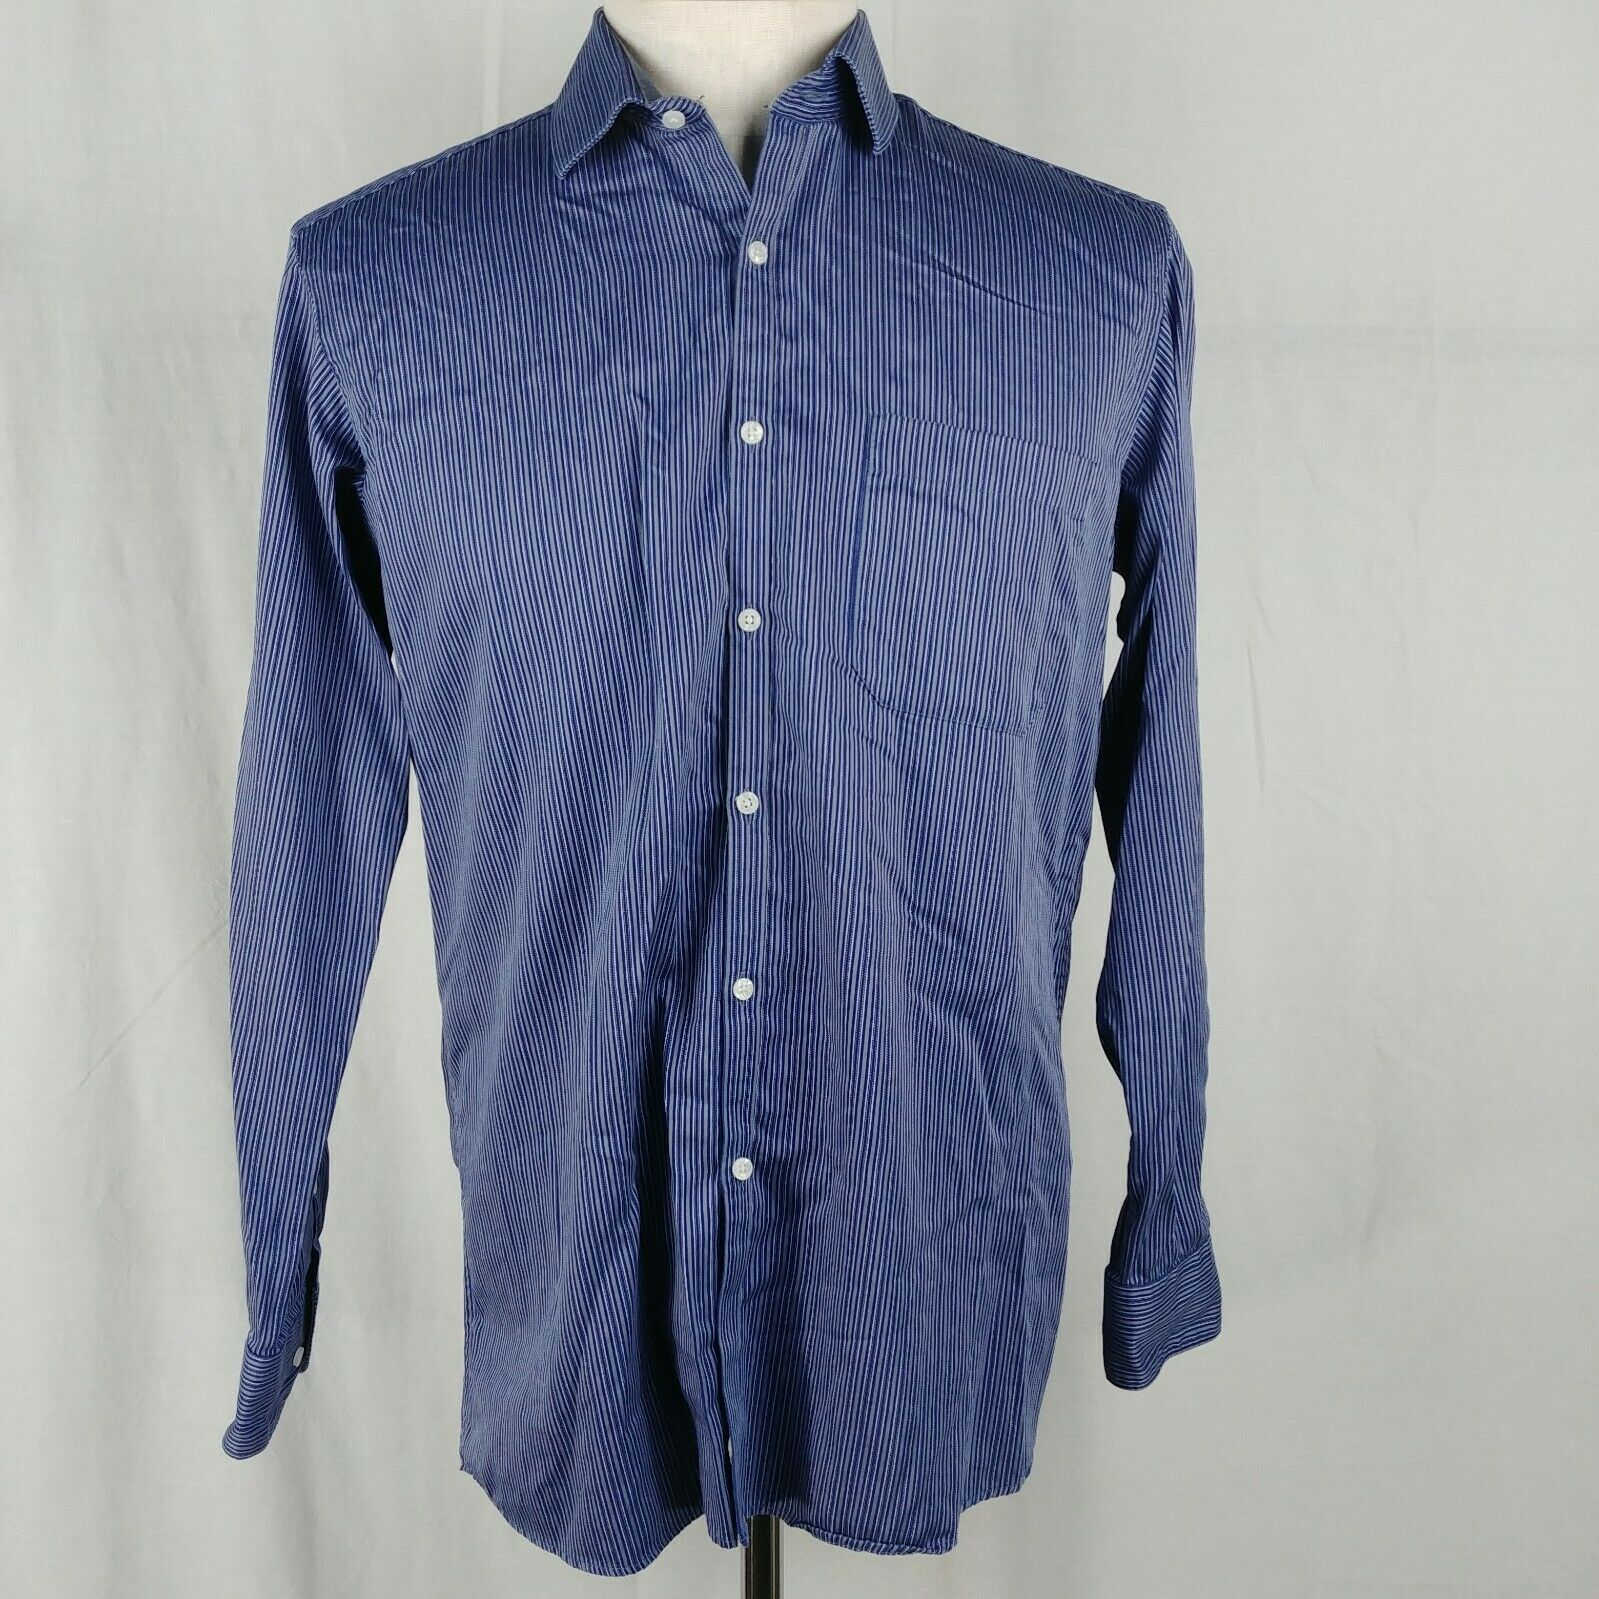 dede92bc Van Heusen Striped Blue Casual Dress Shirt Mens Size 16H 100% Cotton